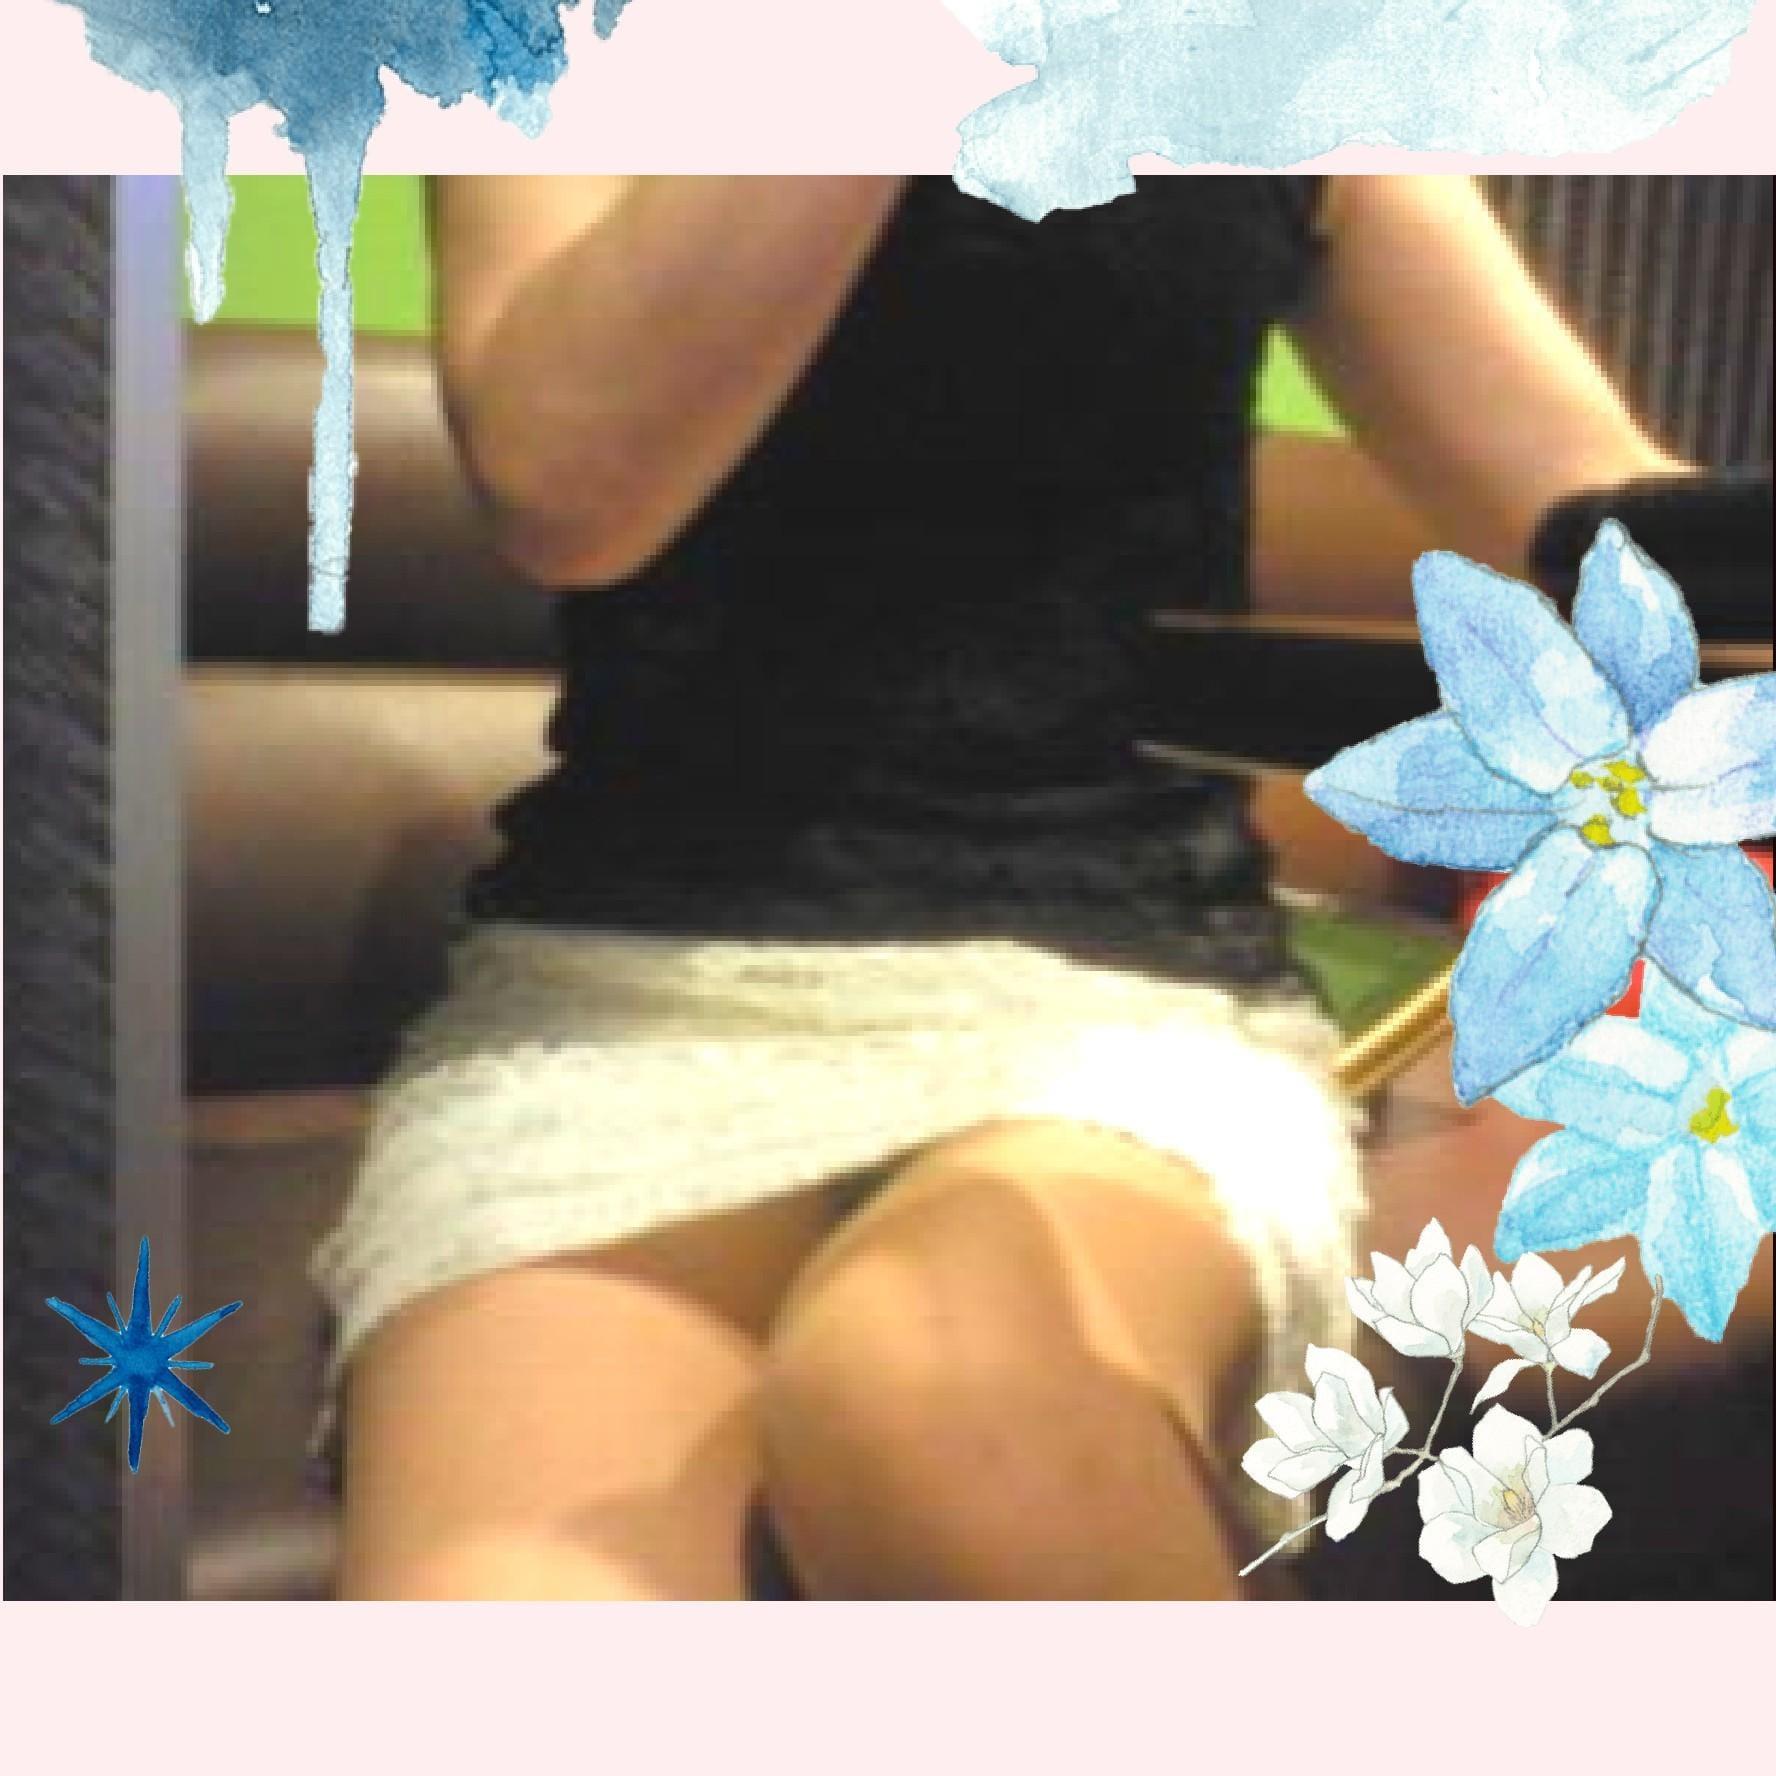 ゆかり「お礼です(^^)/」10/20(土) 17:30 | ゆかりの写メ・風俗動画